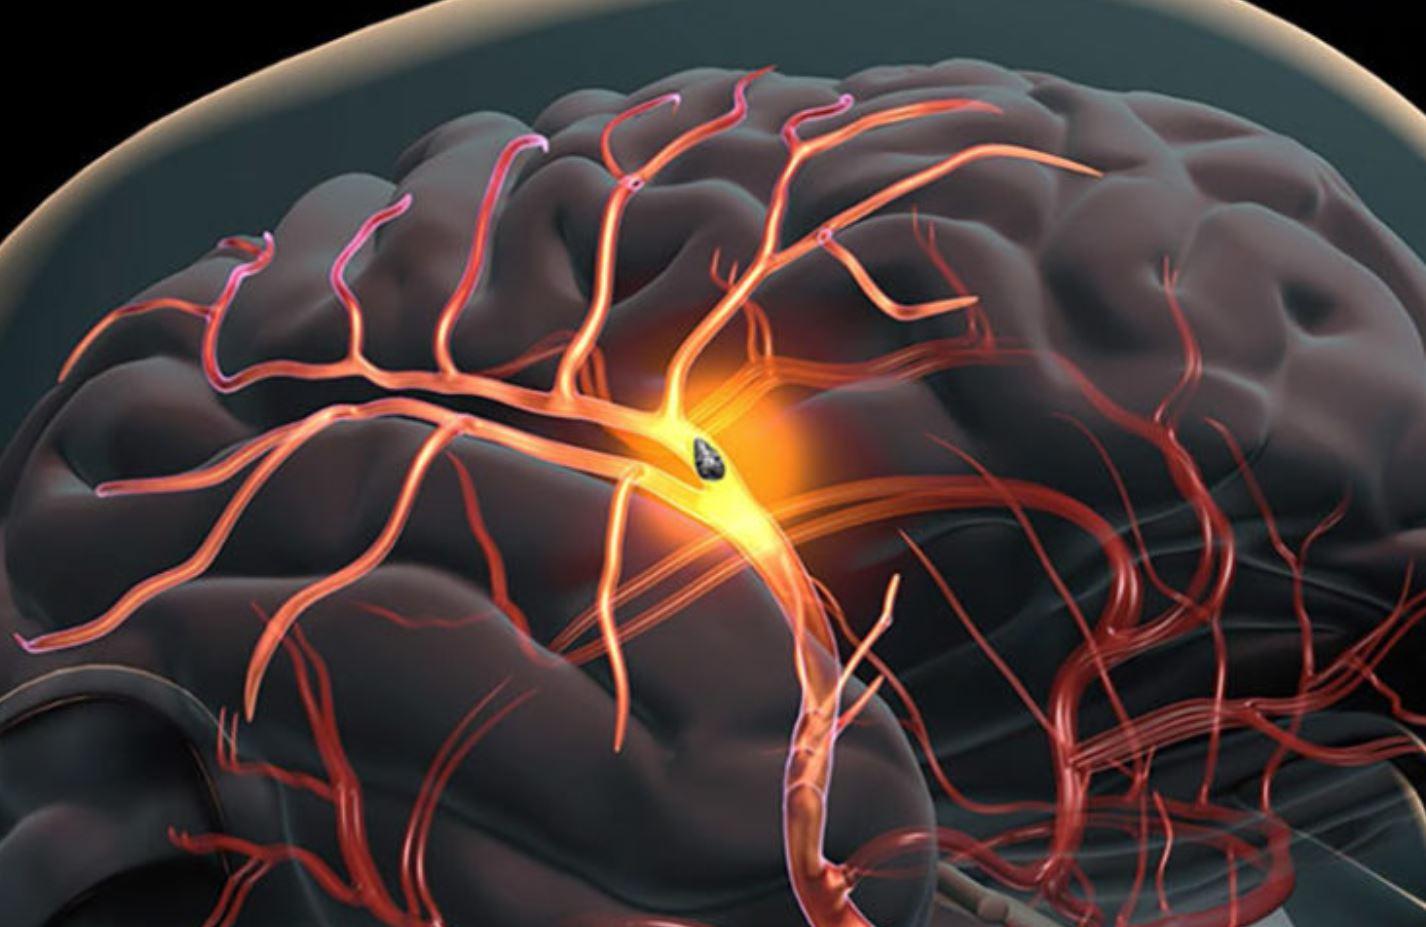 O tehnologie inovatoare prezice cu exactitate recuperarea după un accident vascular cerebral